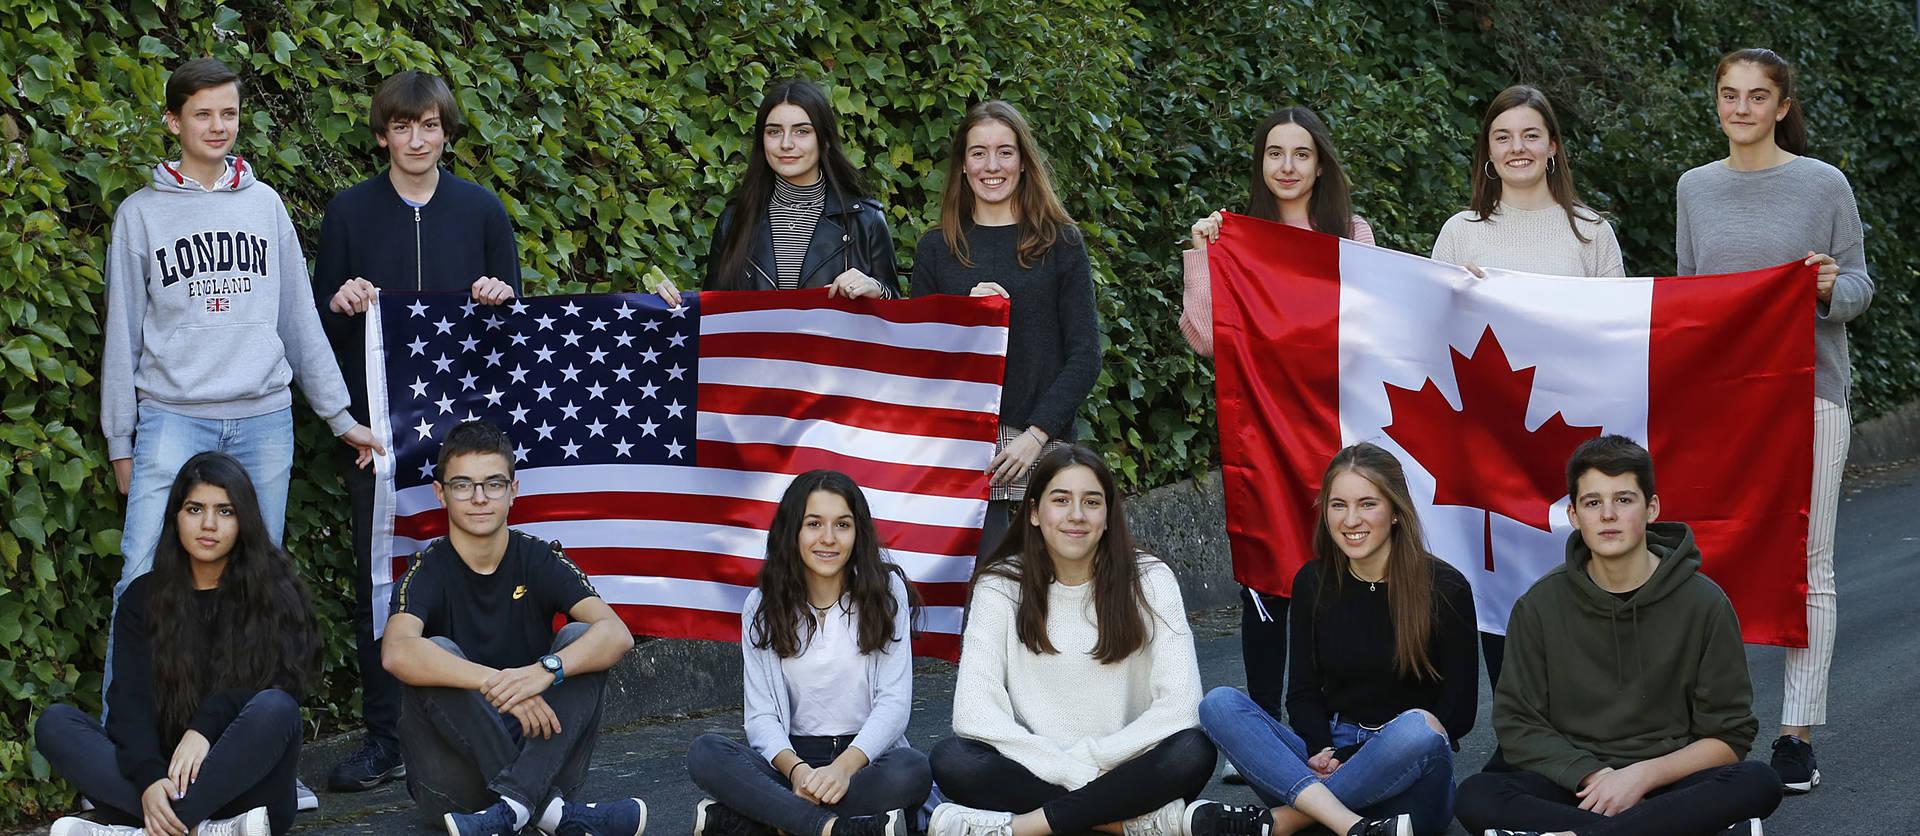 Los estudiantes navarros que viajarán el próximo curso a América gracias a las becas Fundación Amancio Ortega se reunieron por primera vez para el reportaje en Diario de Navarra.